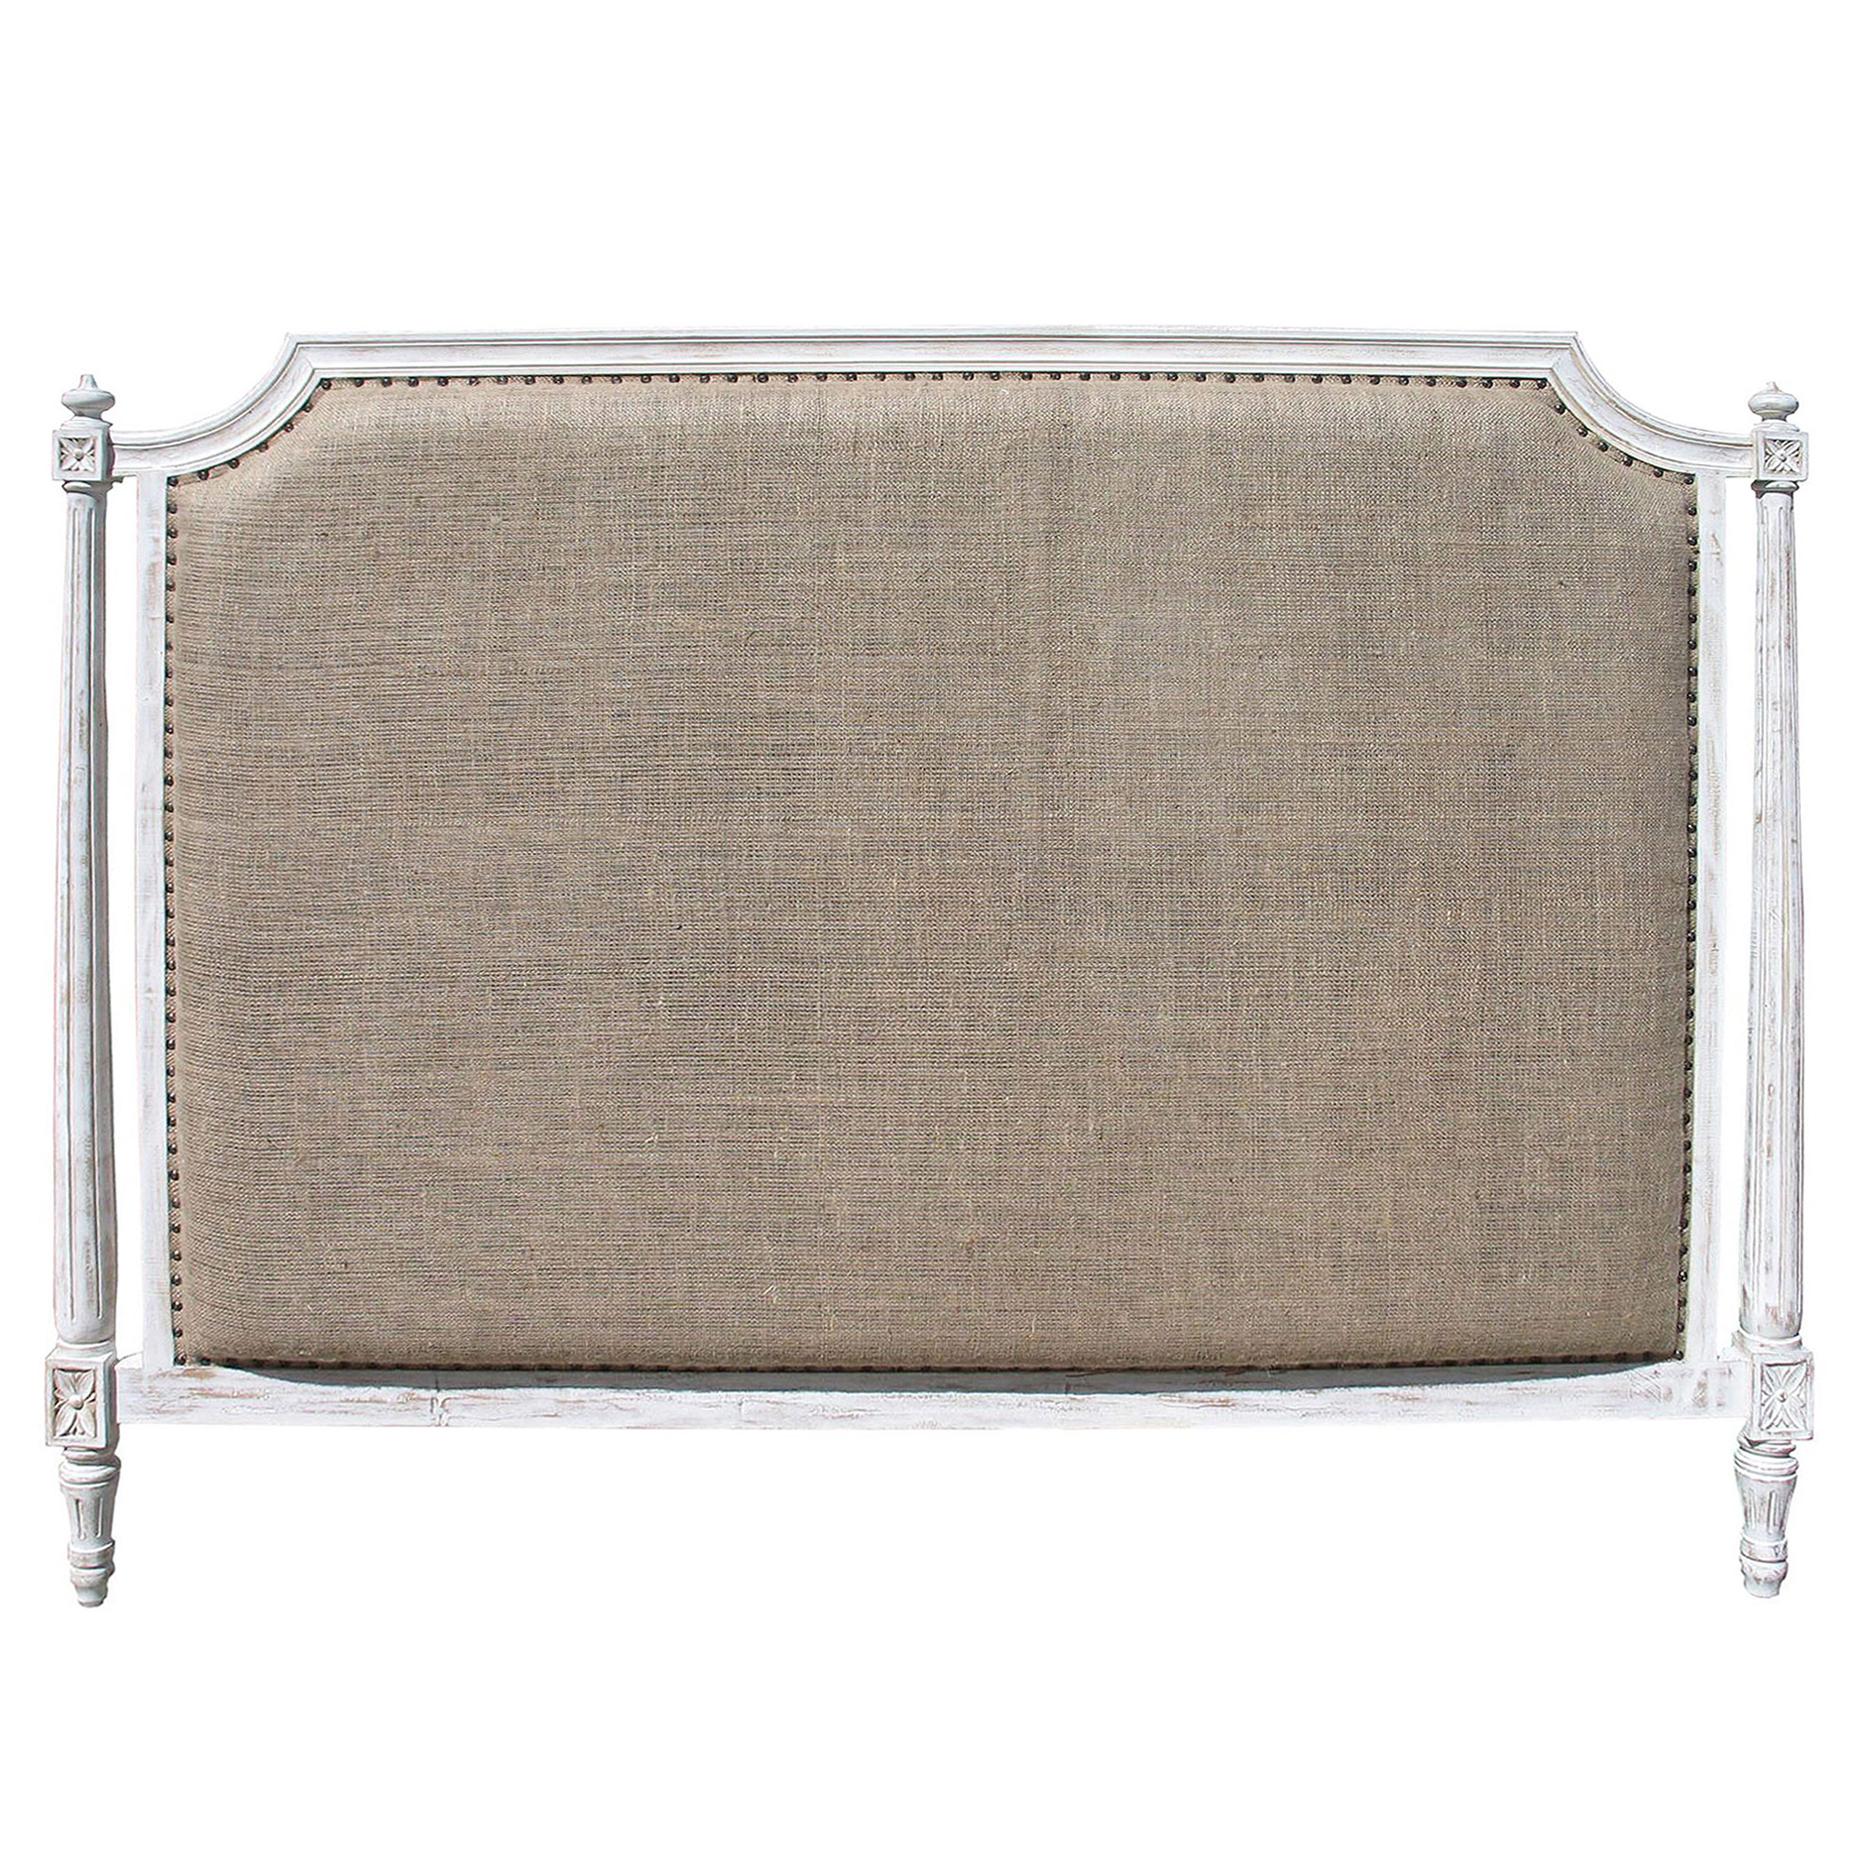 fares lark pdx headboard burlap manor upholstered wingback wayfair reviews furniture